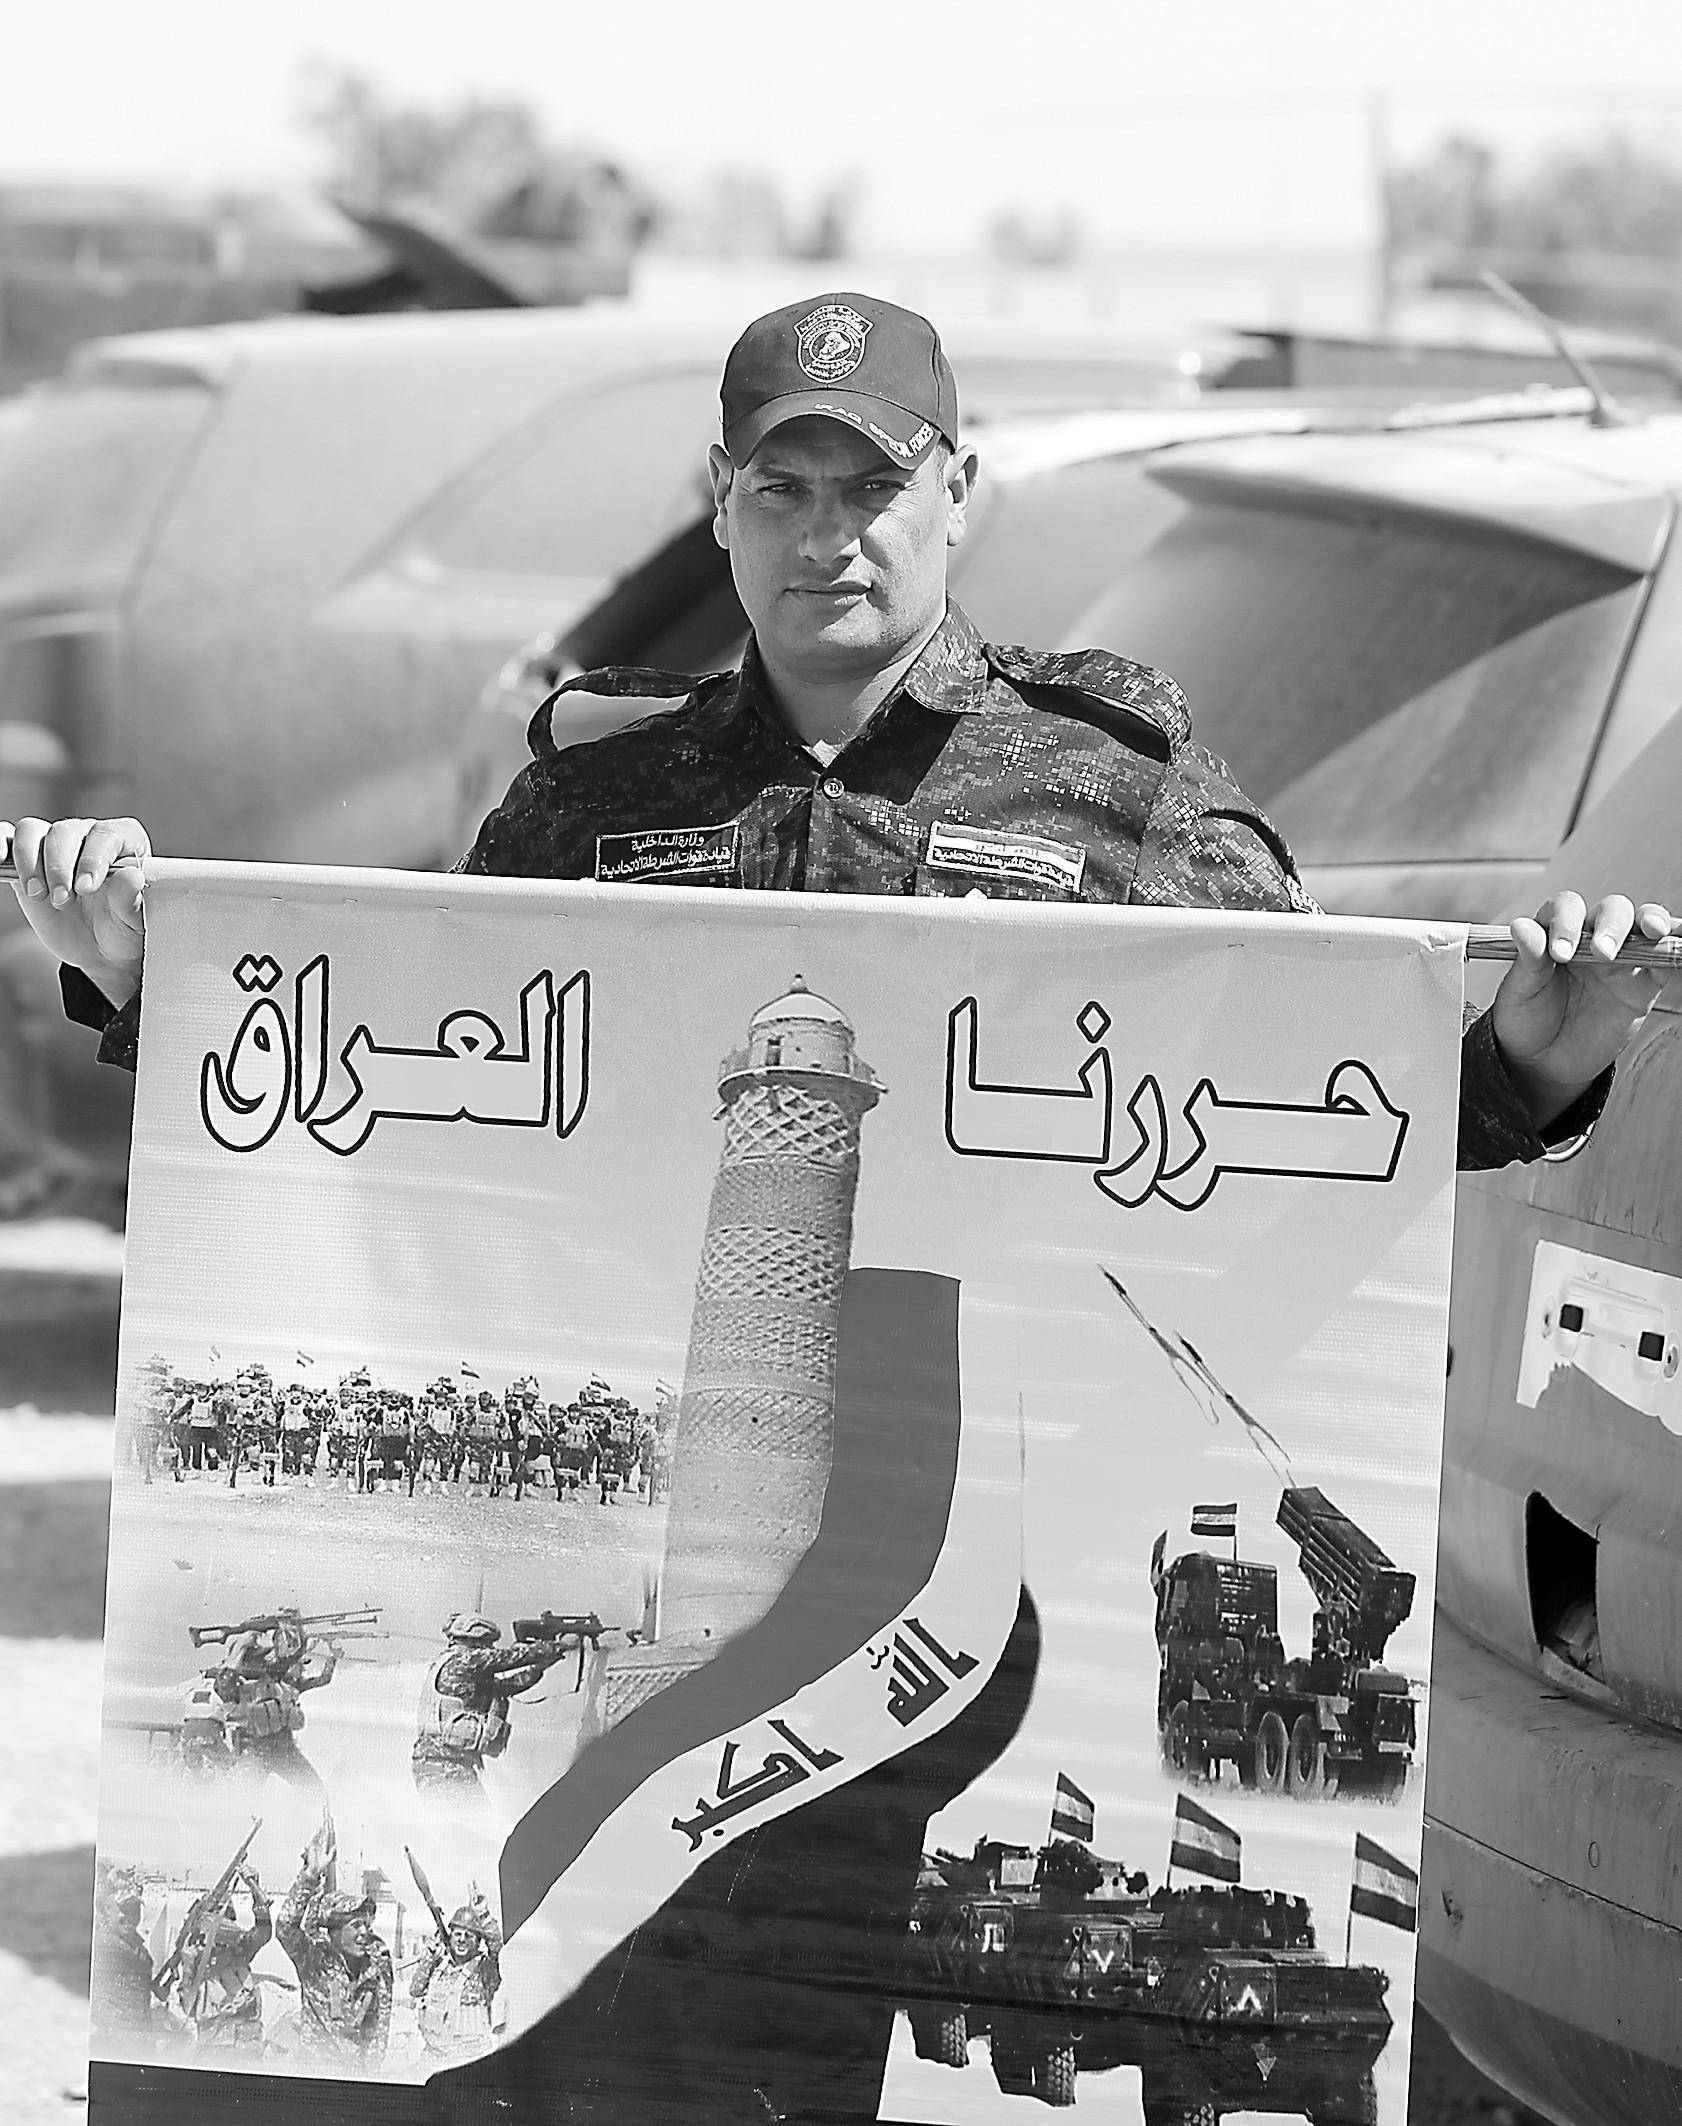 走进摩苏尔:看IS垂死挣扎 国际联盟正展开合围